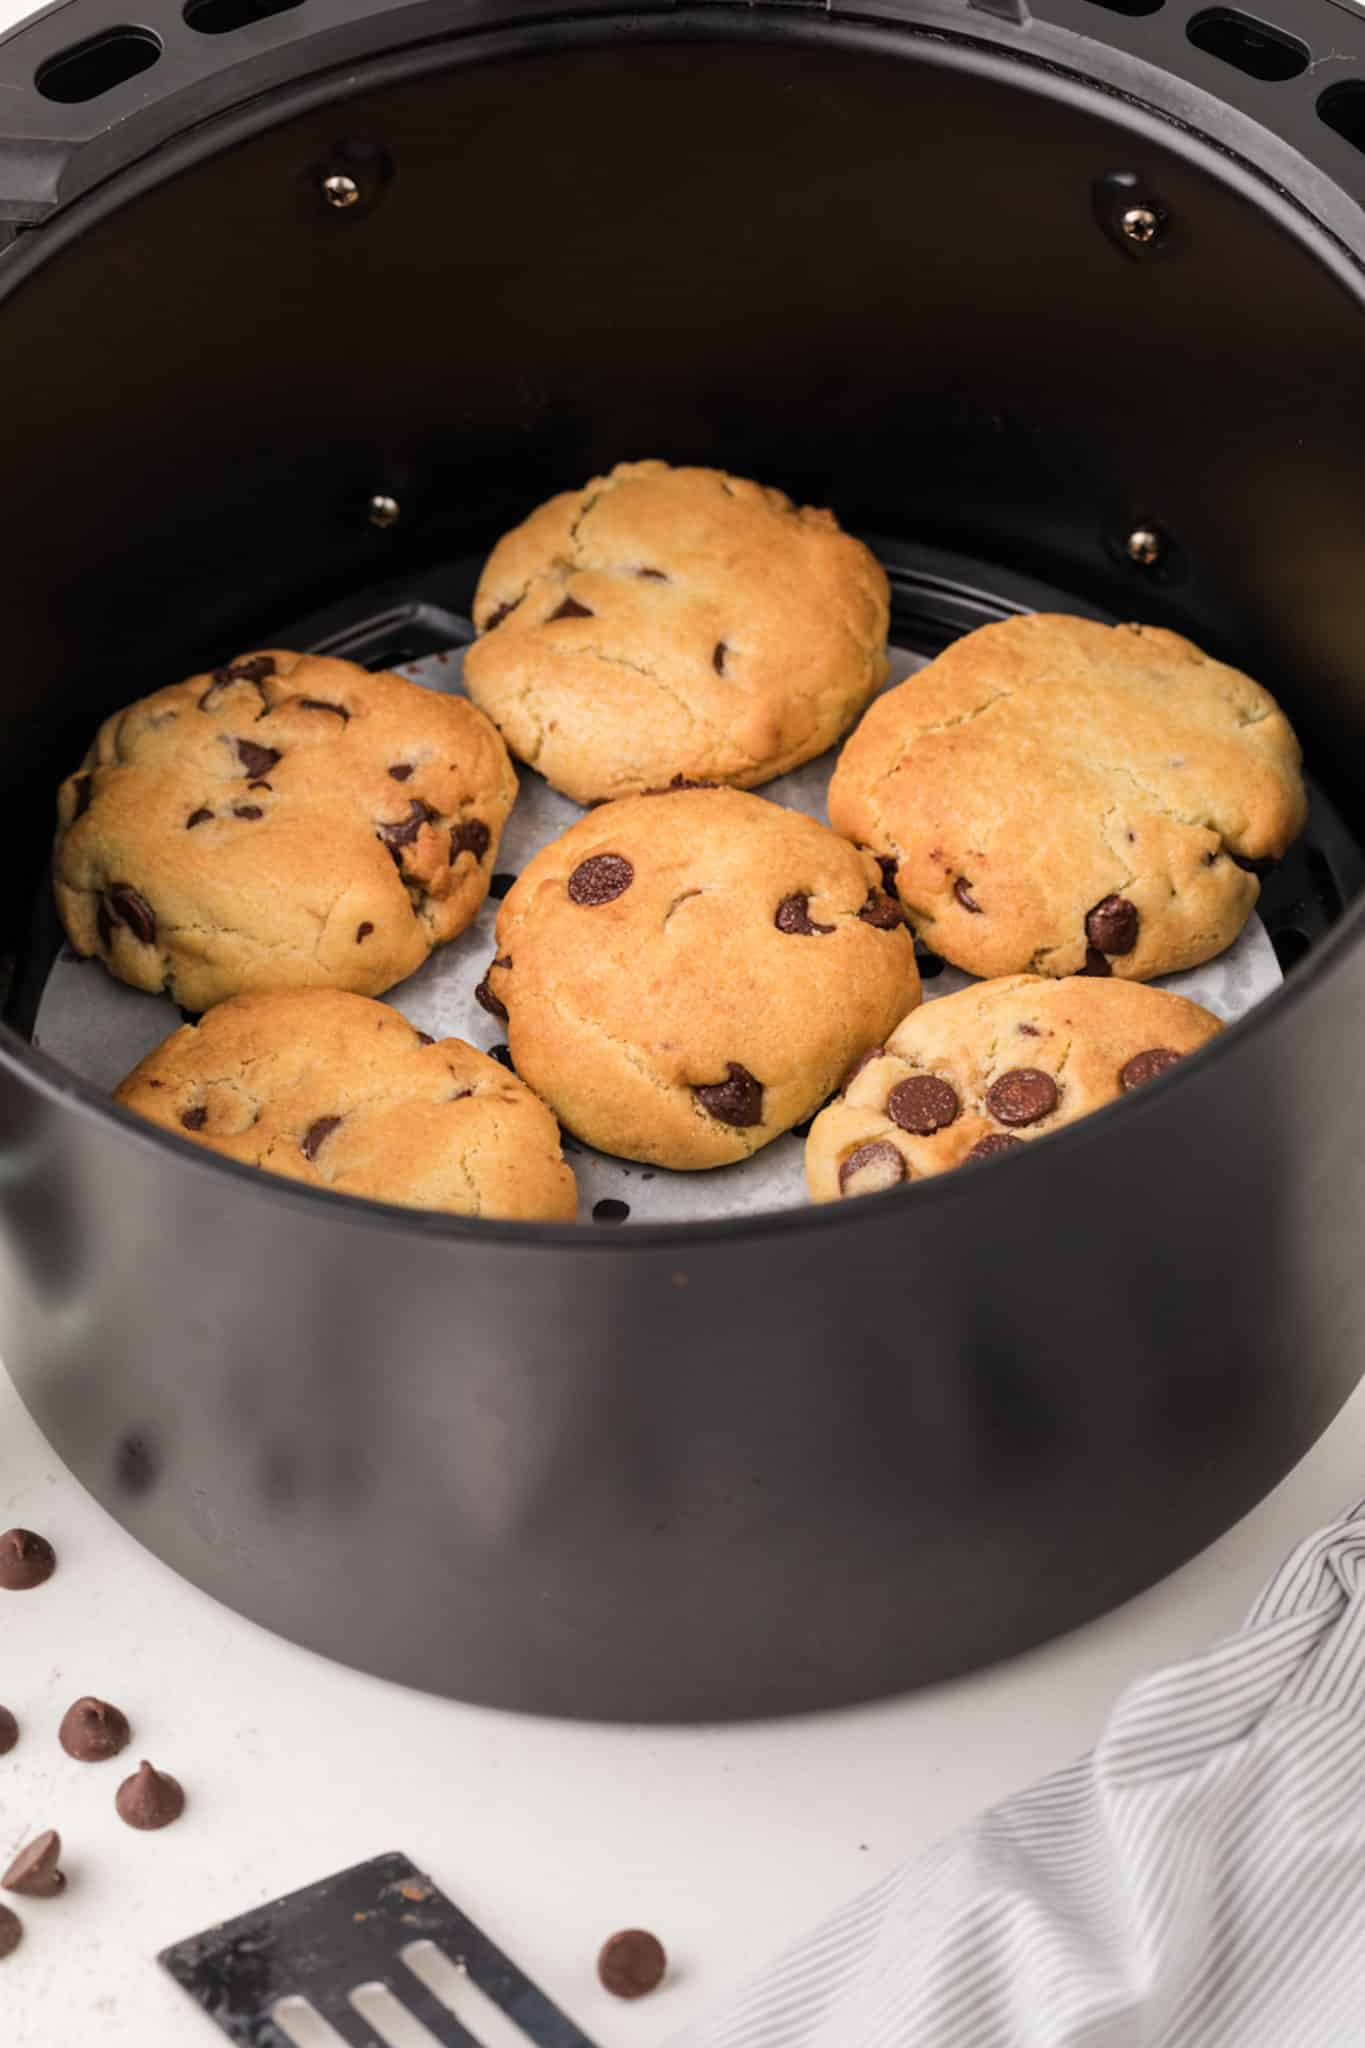 cookies baked in air fryer